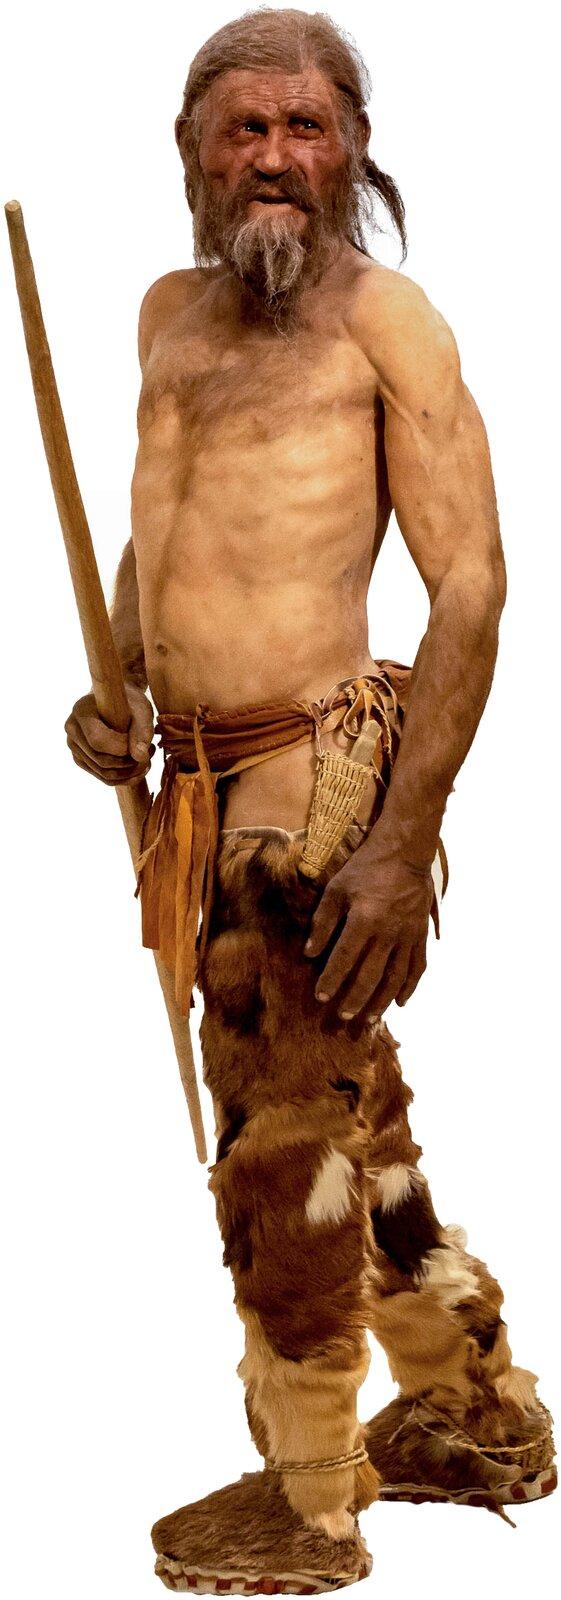 Rekonstrukcja człowieka zÖtzi Rekonstrukcja człowieka zÖtzi Źródło: Thilo Parg, Wikimedia Commons, licencja: CC BY-SA 3.0.